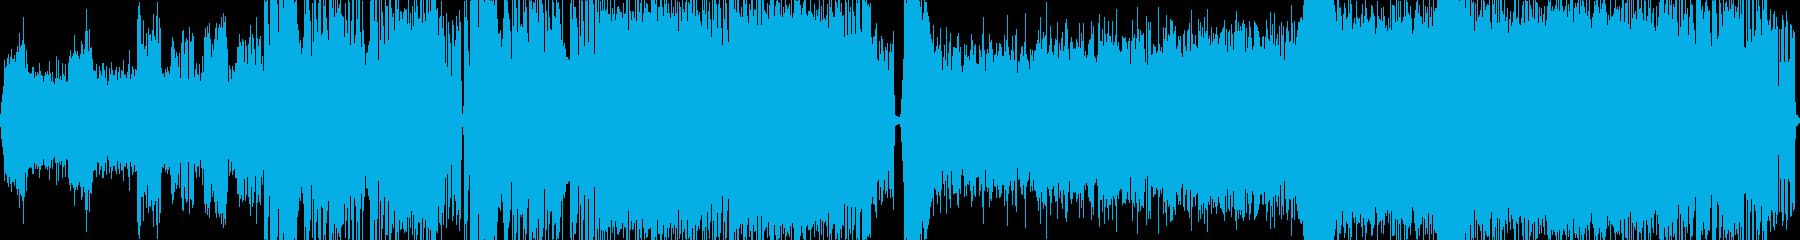 迫力と重圧感があるメタルバトル曲 ループの再生済みの波形